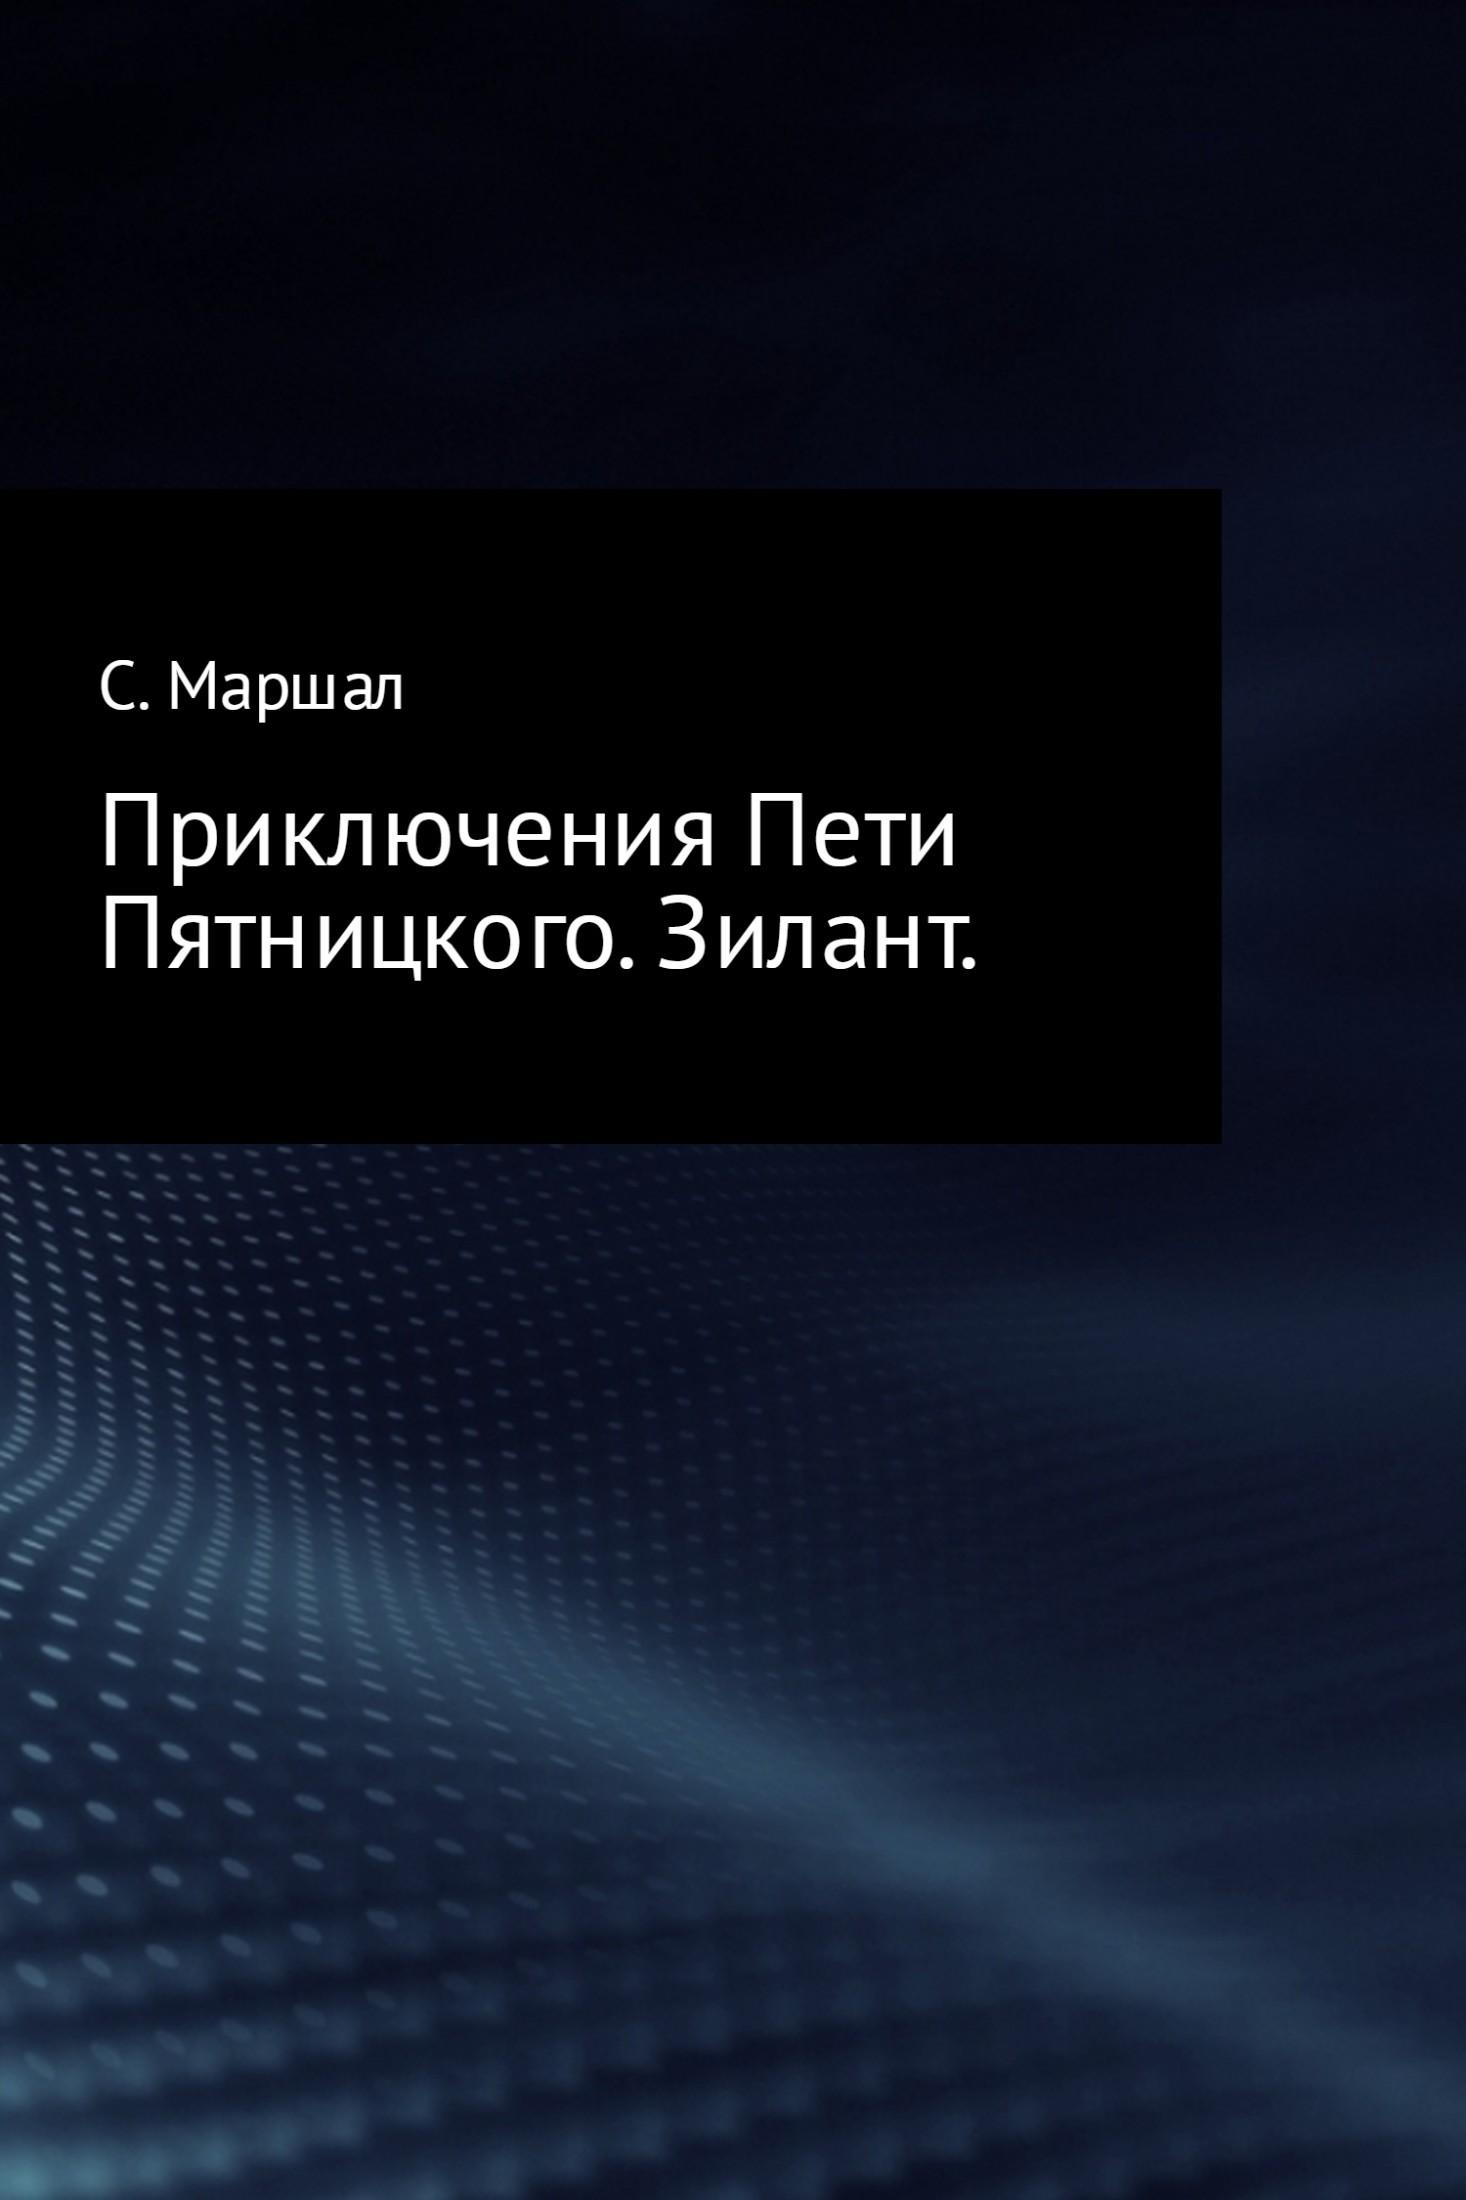 Сэмюэл Маршал - Приключения Пети Пятницкого. Зилант